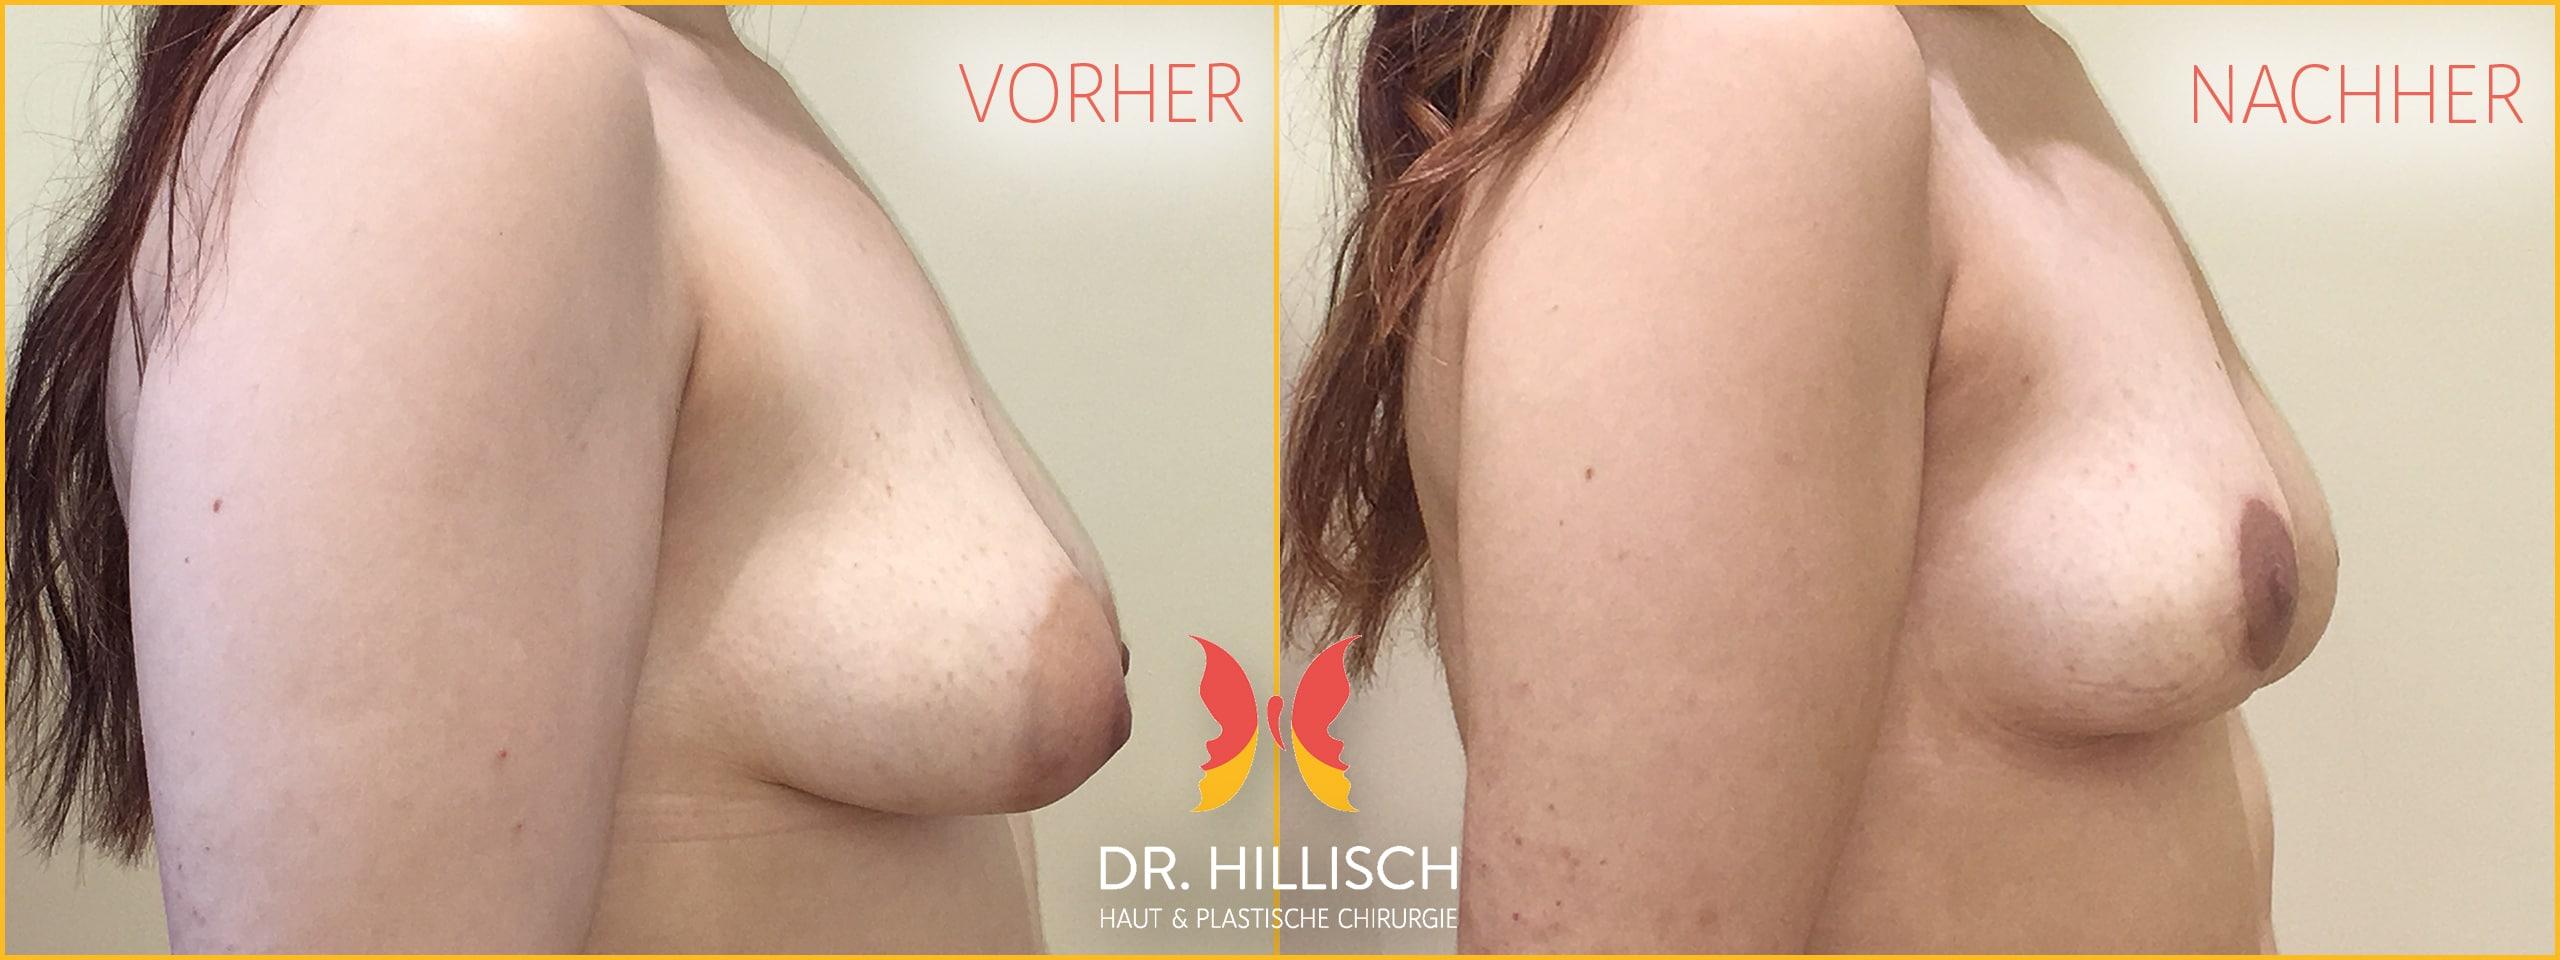 Bruststraffung Vorher Nachher Patient 025